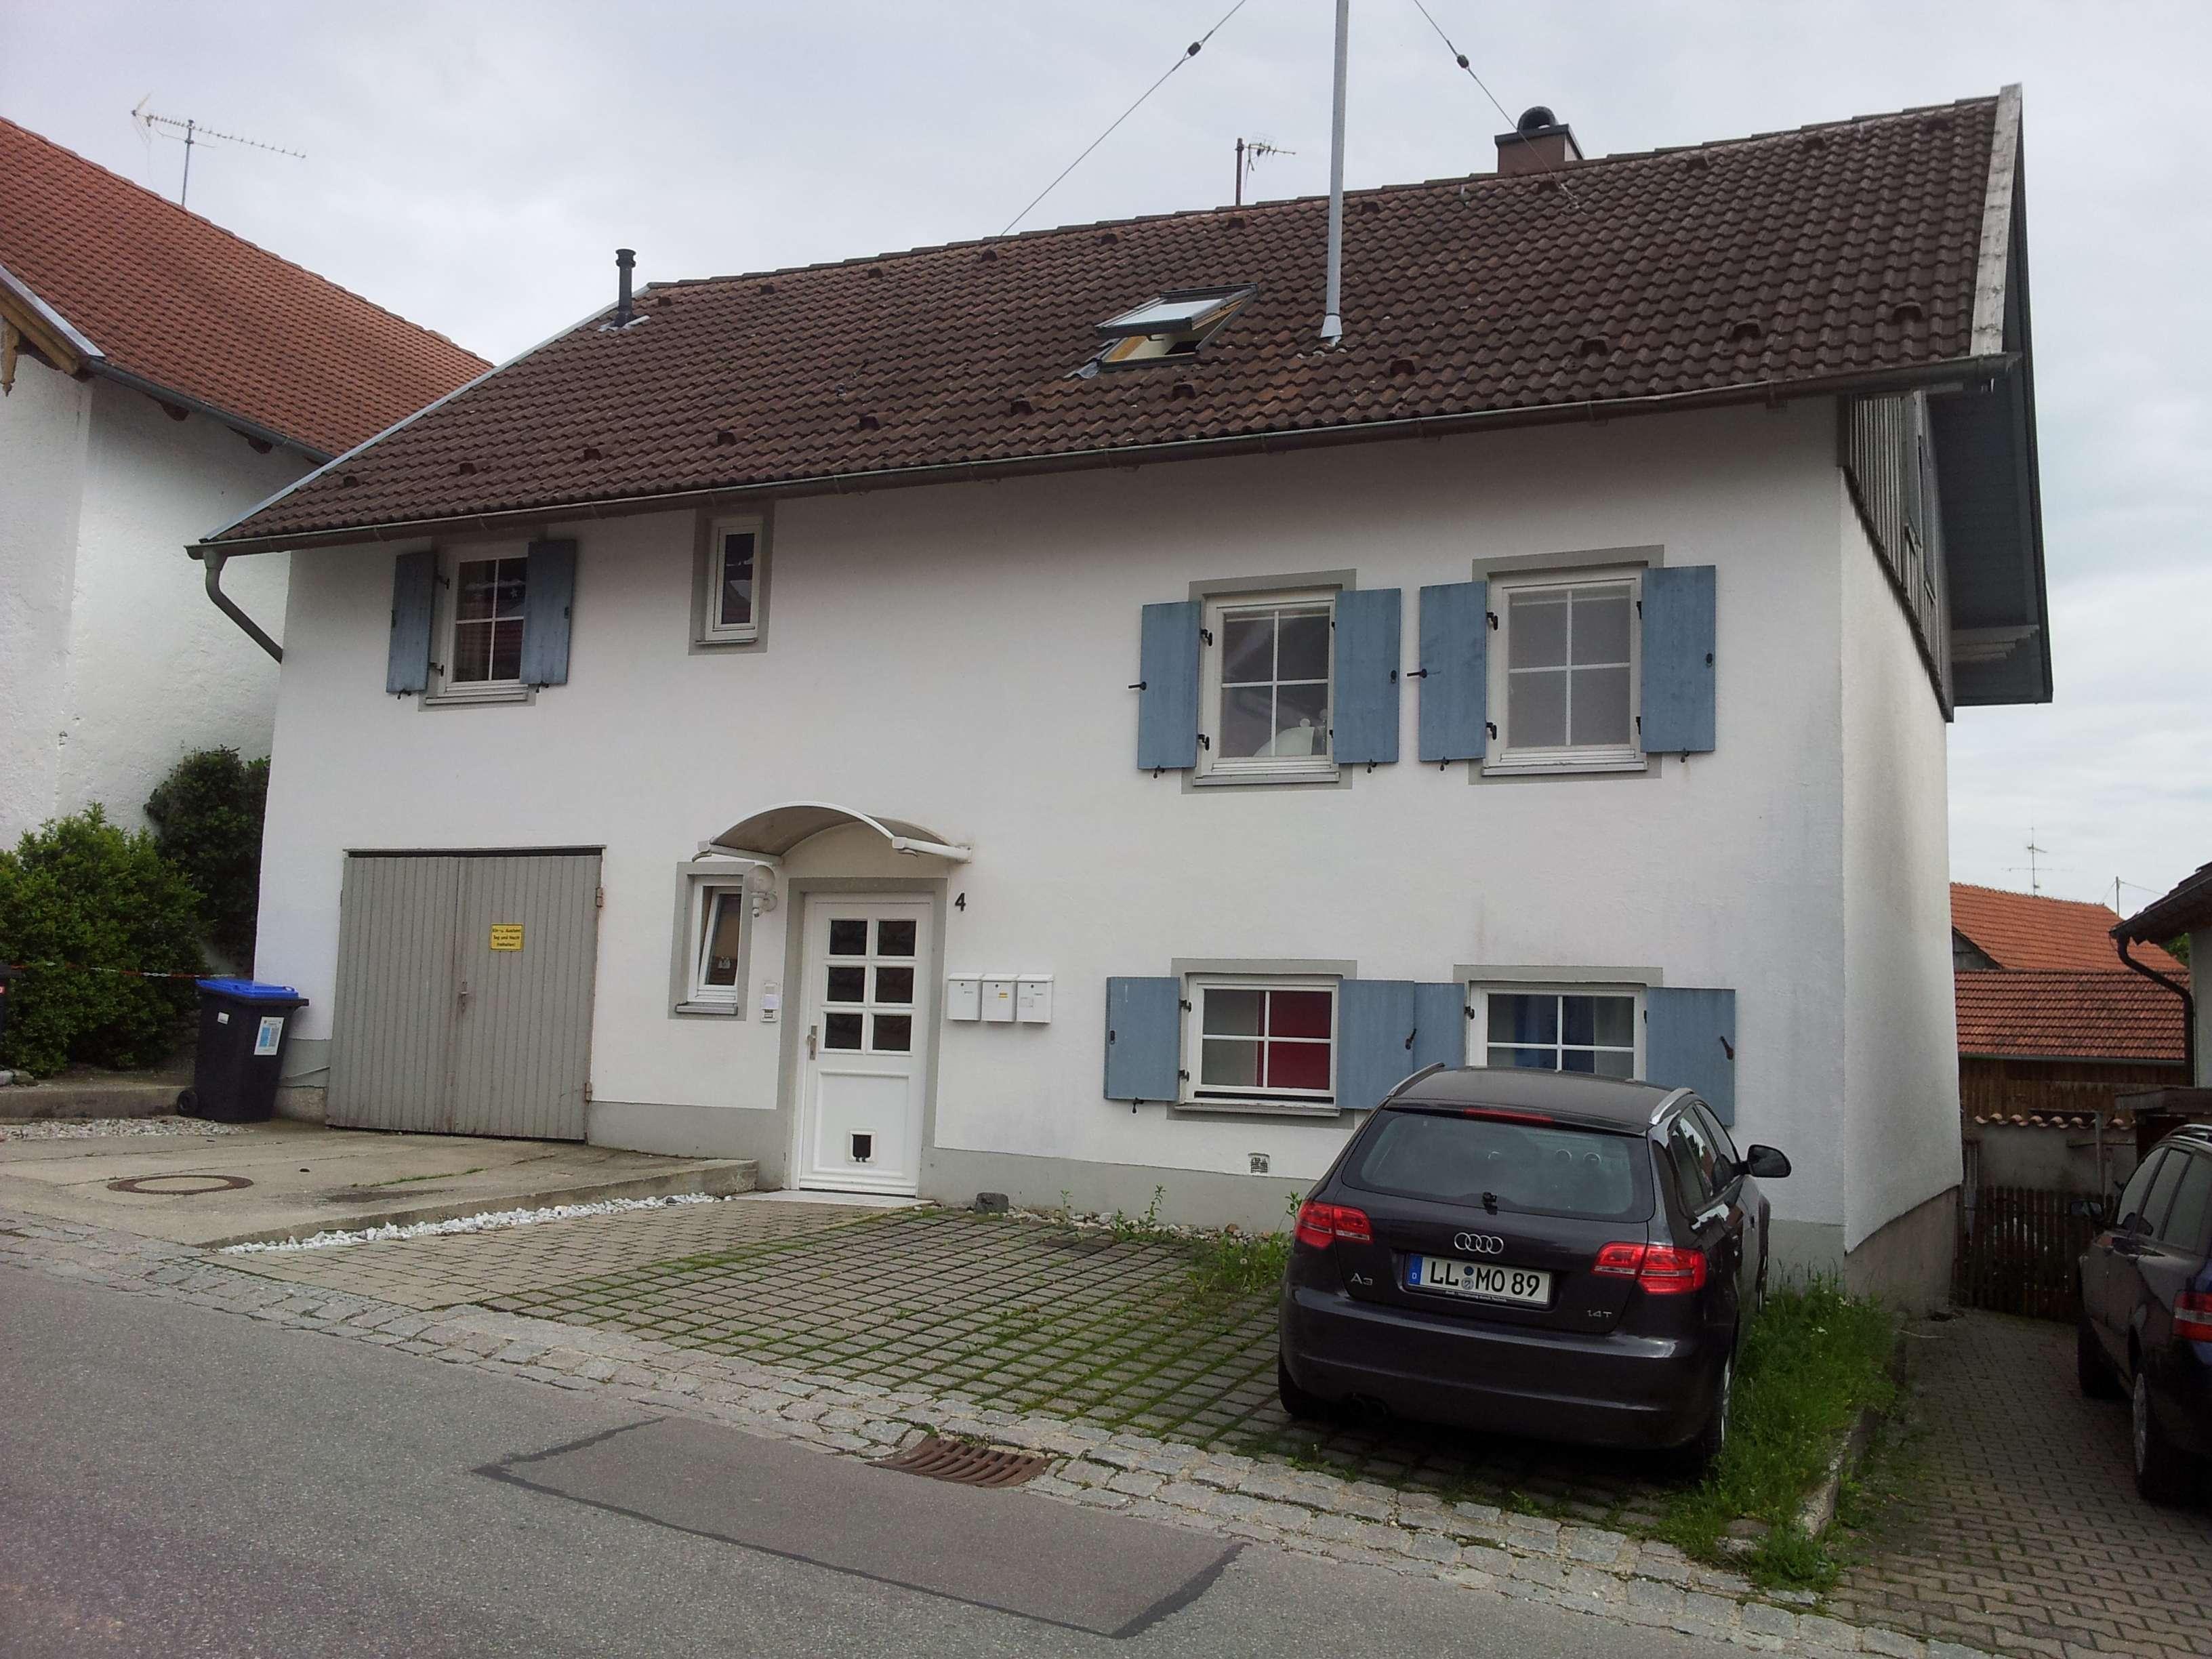 Schöne DG Wohnung nähe Ammersee in Hofstetten (Landsberg am Lech)